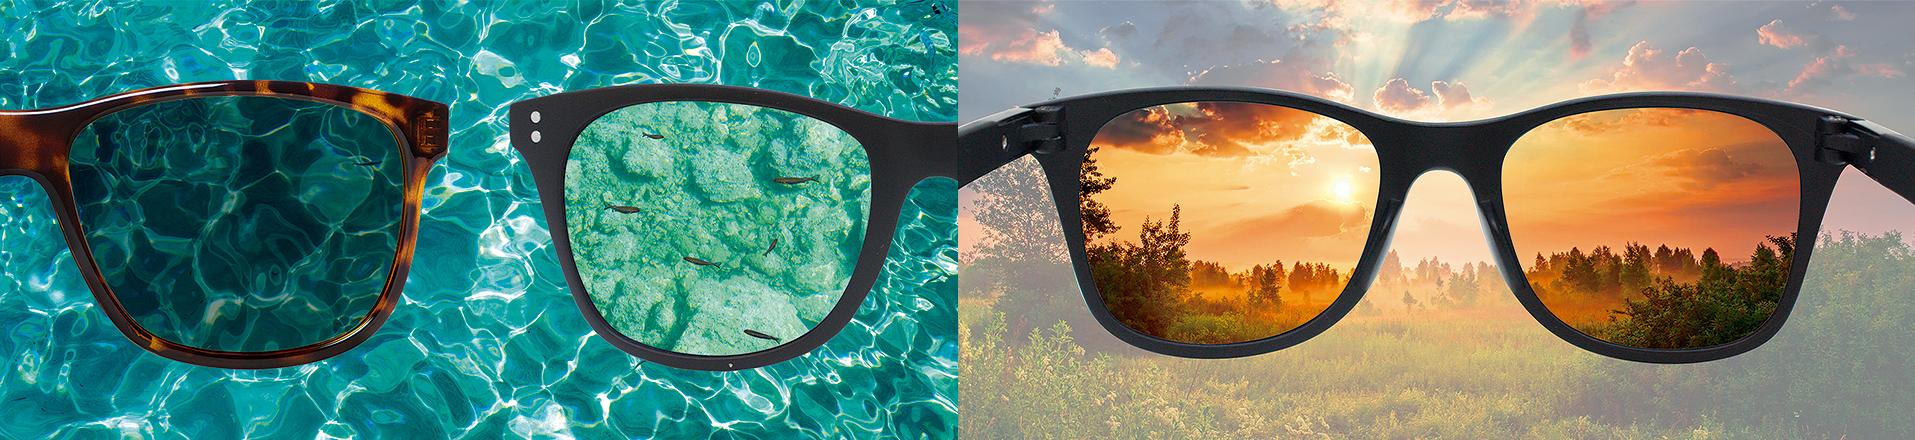 porównanie jasności i jakości obrazu w zwykłych okularach i okularach Polaryte Photochromic